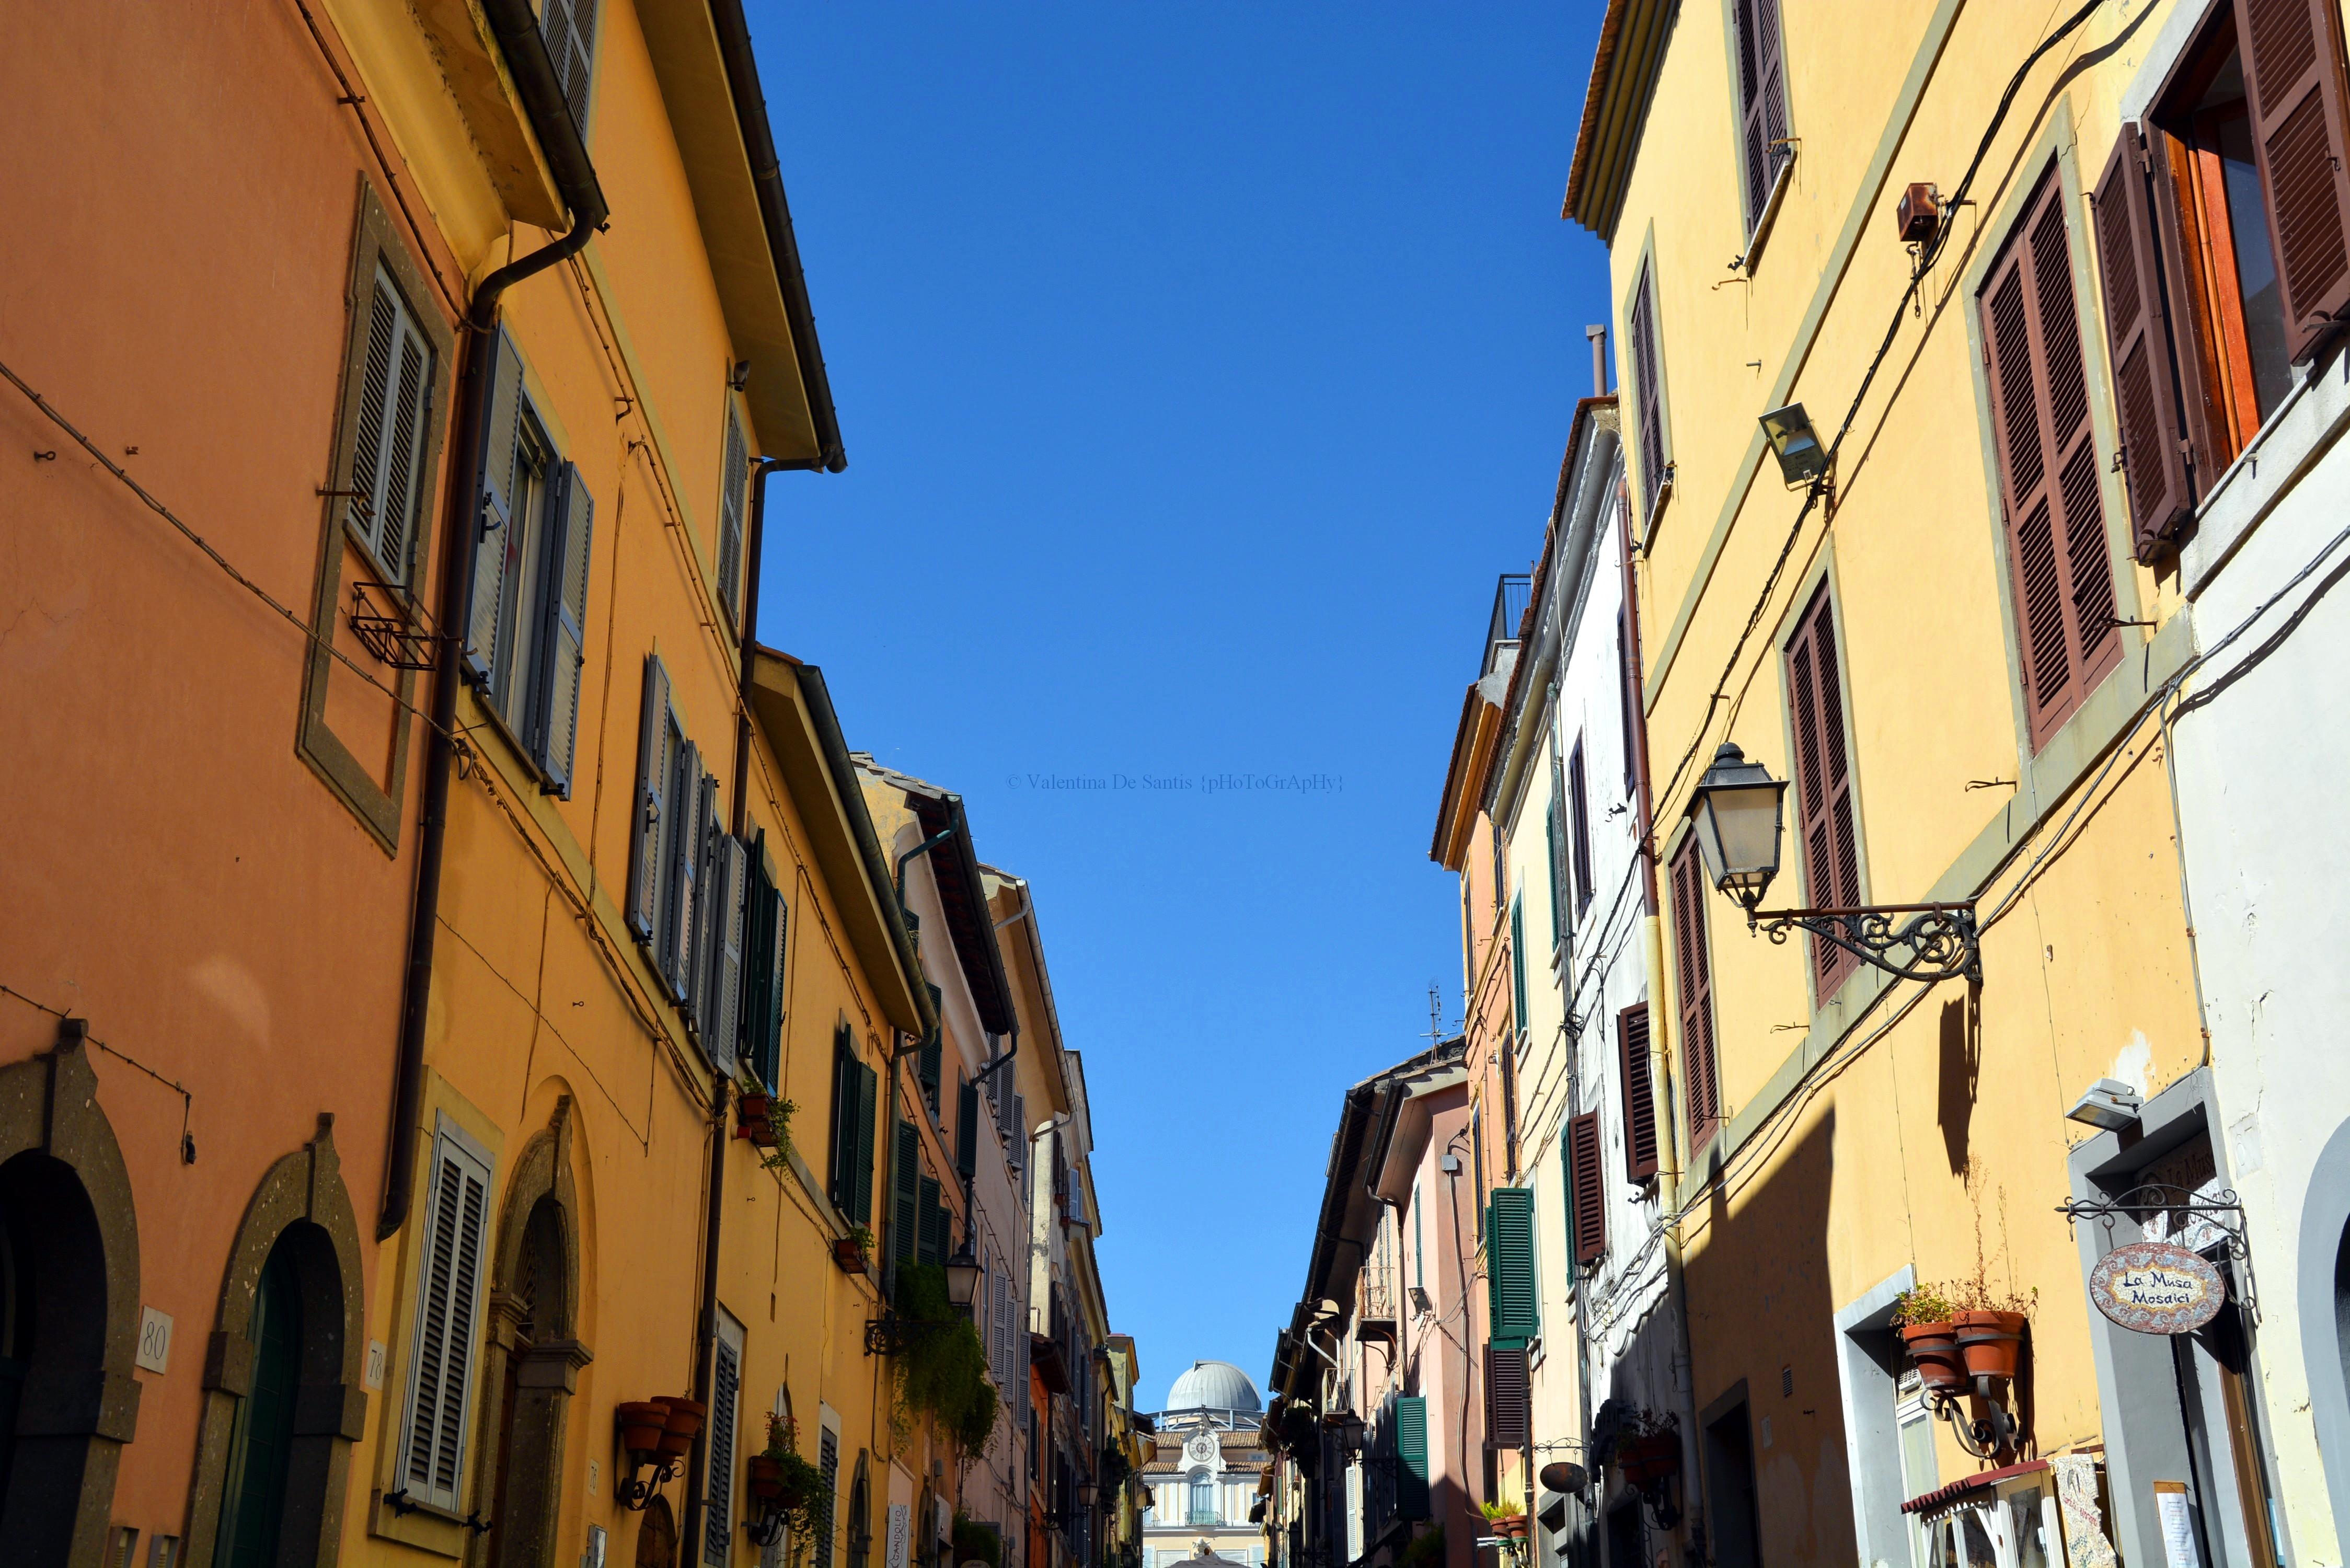 Main street, Castel Gandolfo